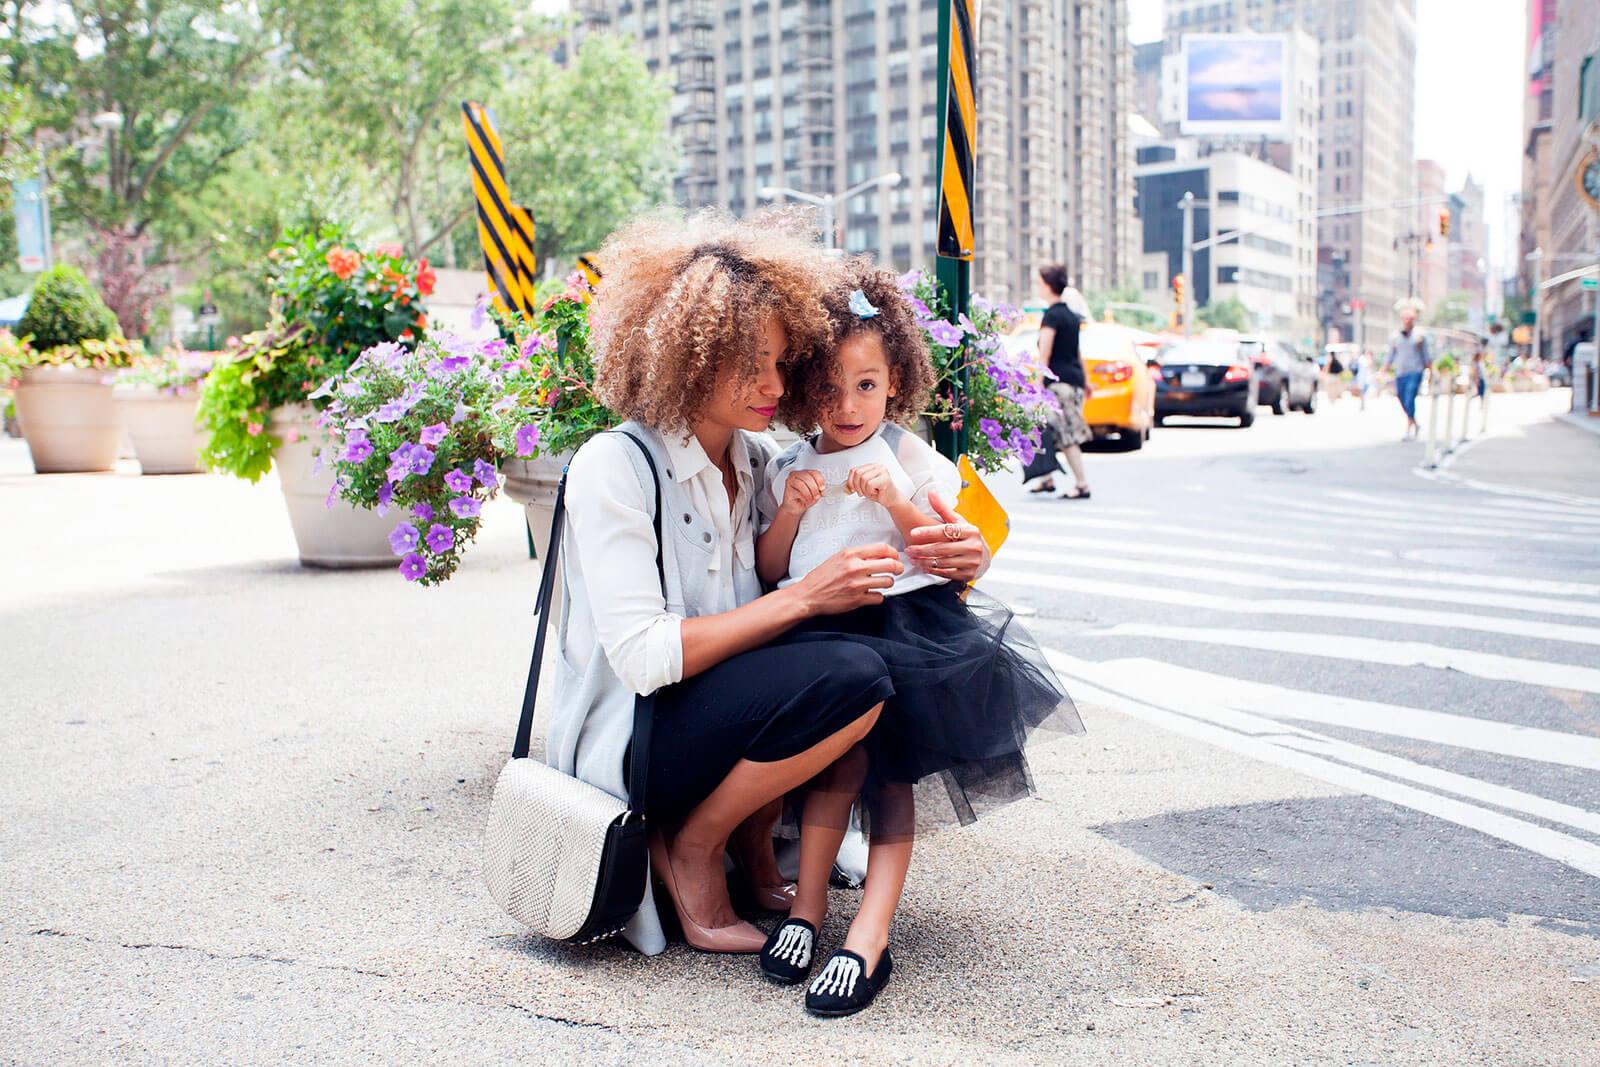 Mulher de raça negra com criança, junto à passadeira de uma rua cheia de prédios e vasos com vegetação.